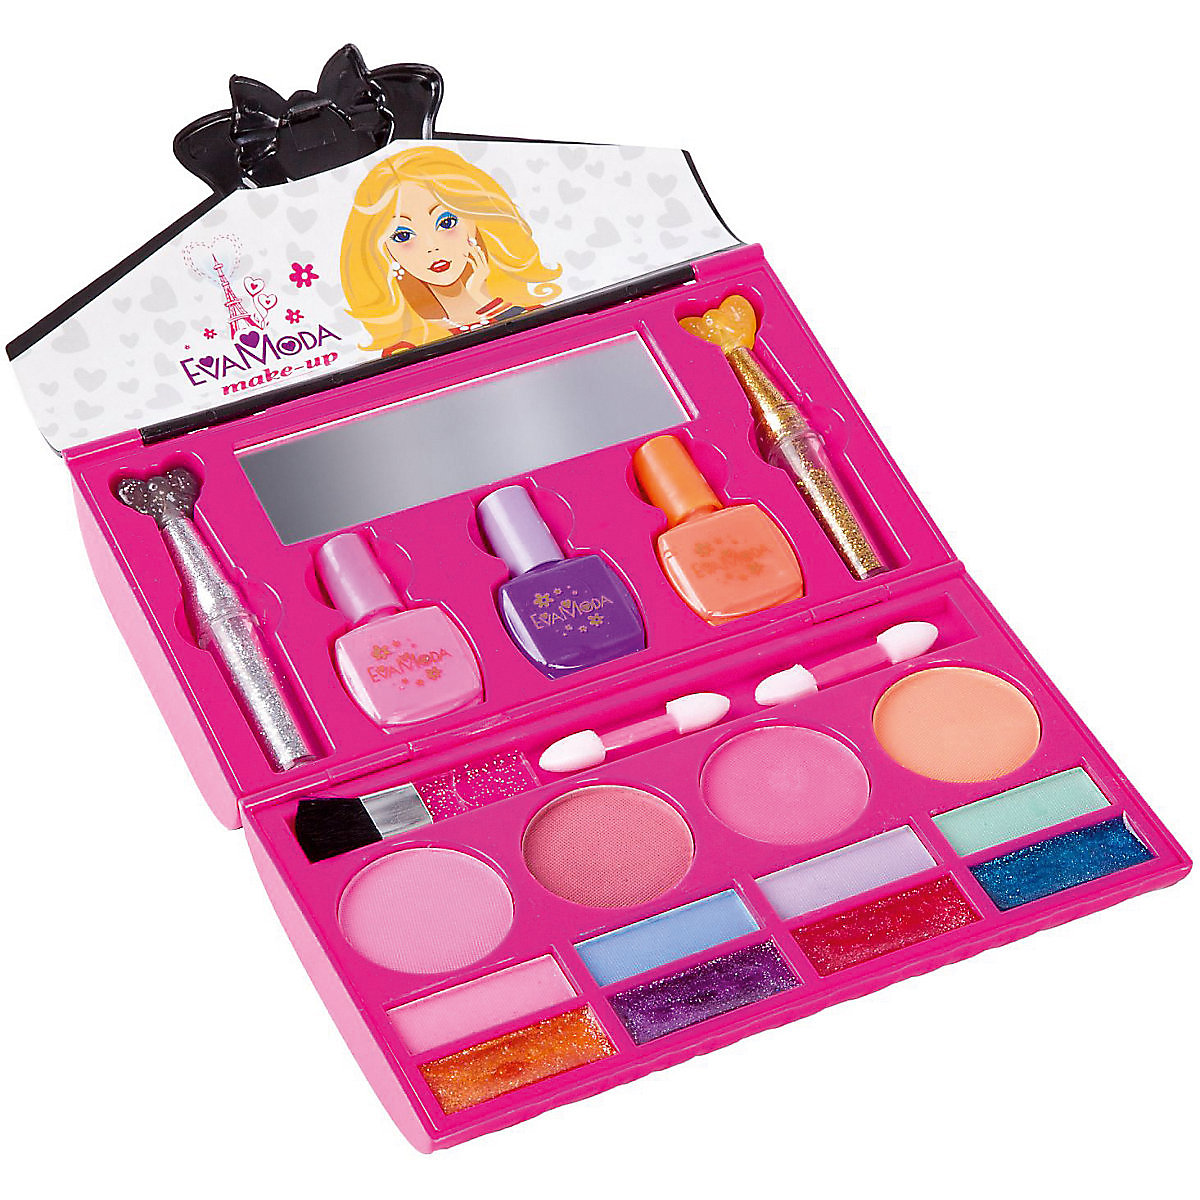 56 шт. маленький косметический набор, игровые игрушки, набор для макияжа, для детей, для девочек, для дошкольников, для детей, красивые модные ... - 3